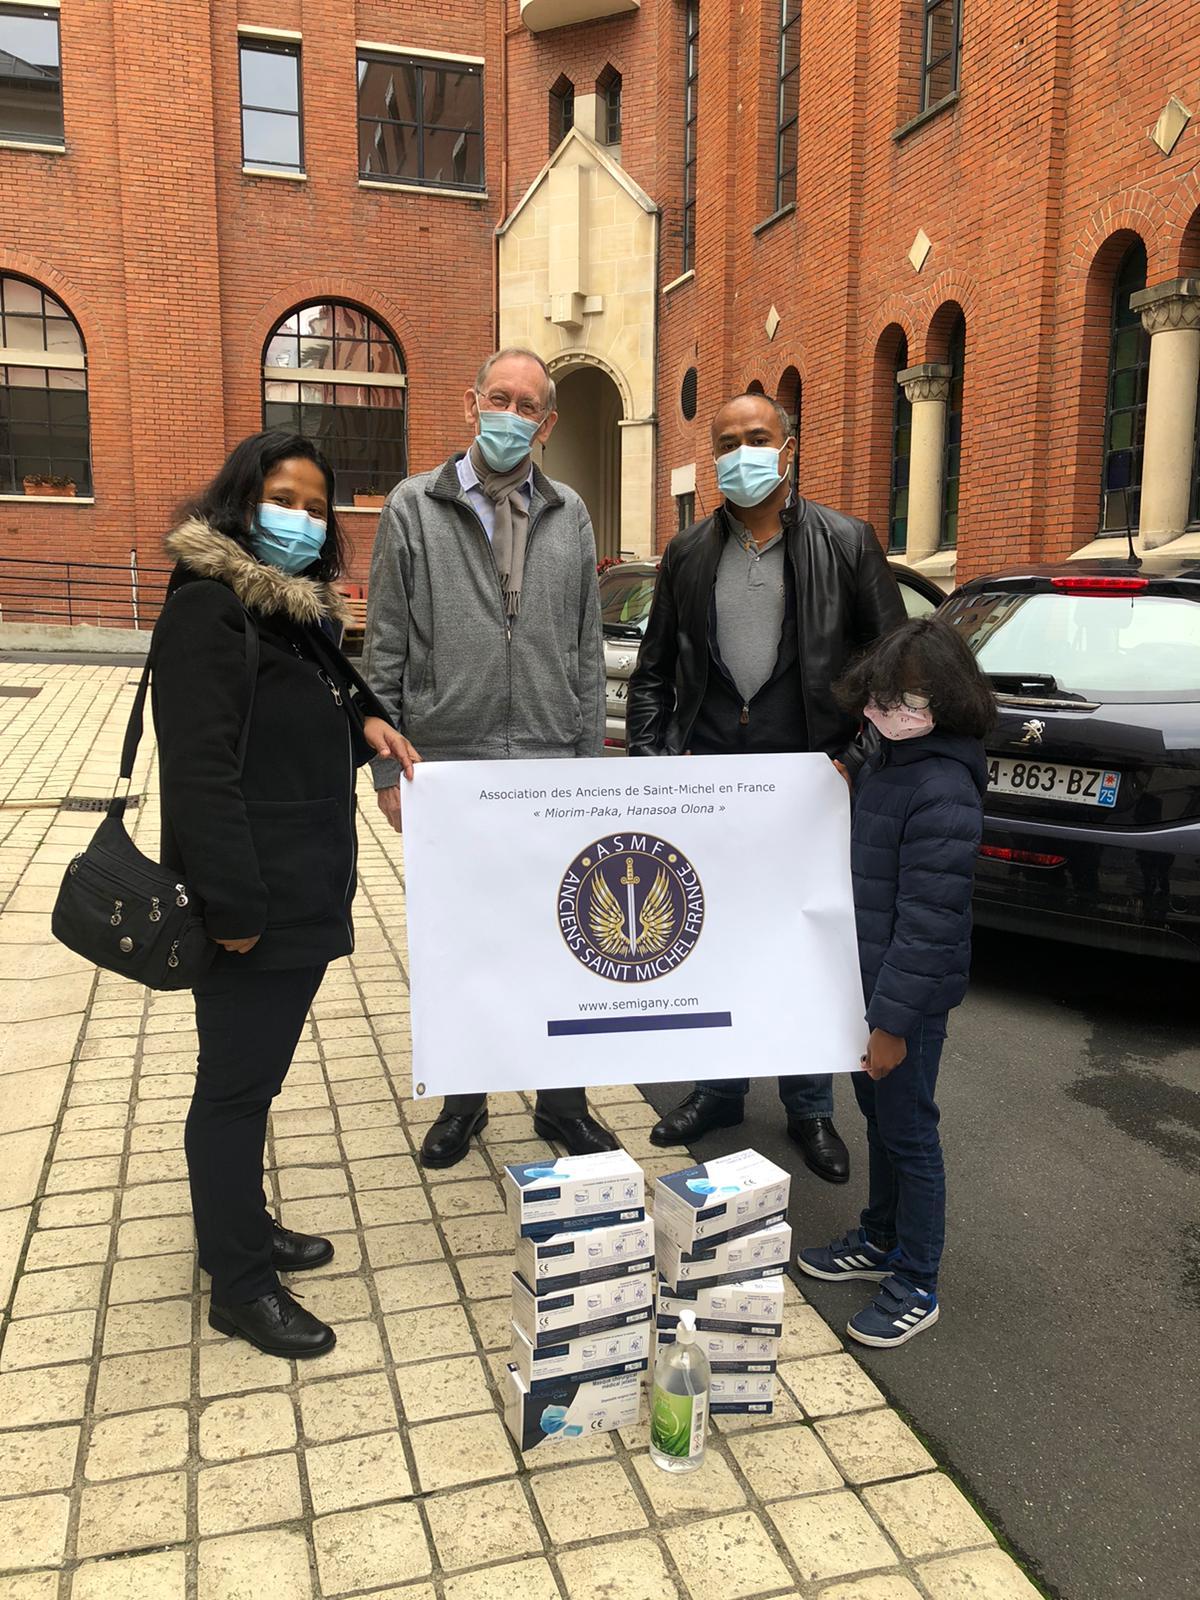 Remise de dons de masques type chirugical et de Gel Hydroalcoolique centre Saint-François Xavier Paris 7ème Arrondissement